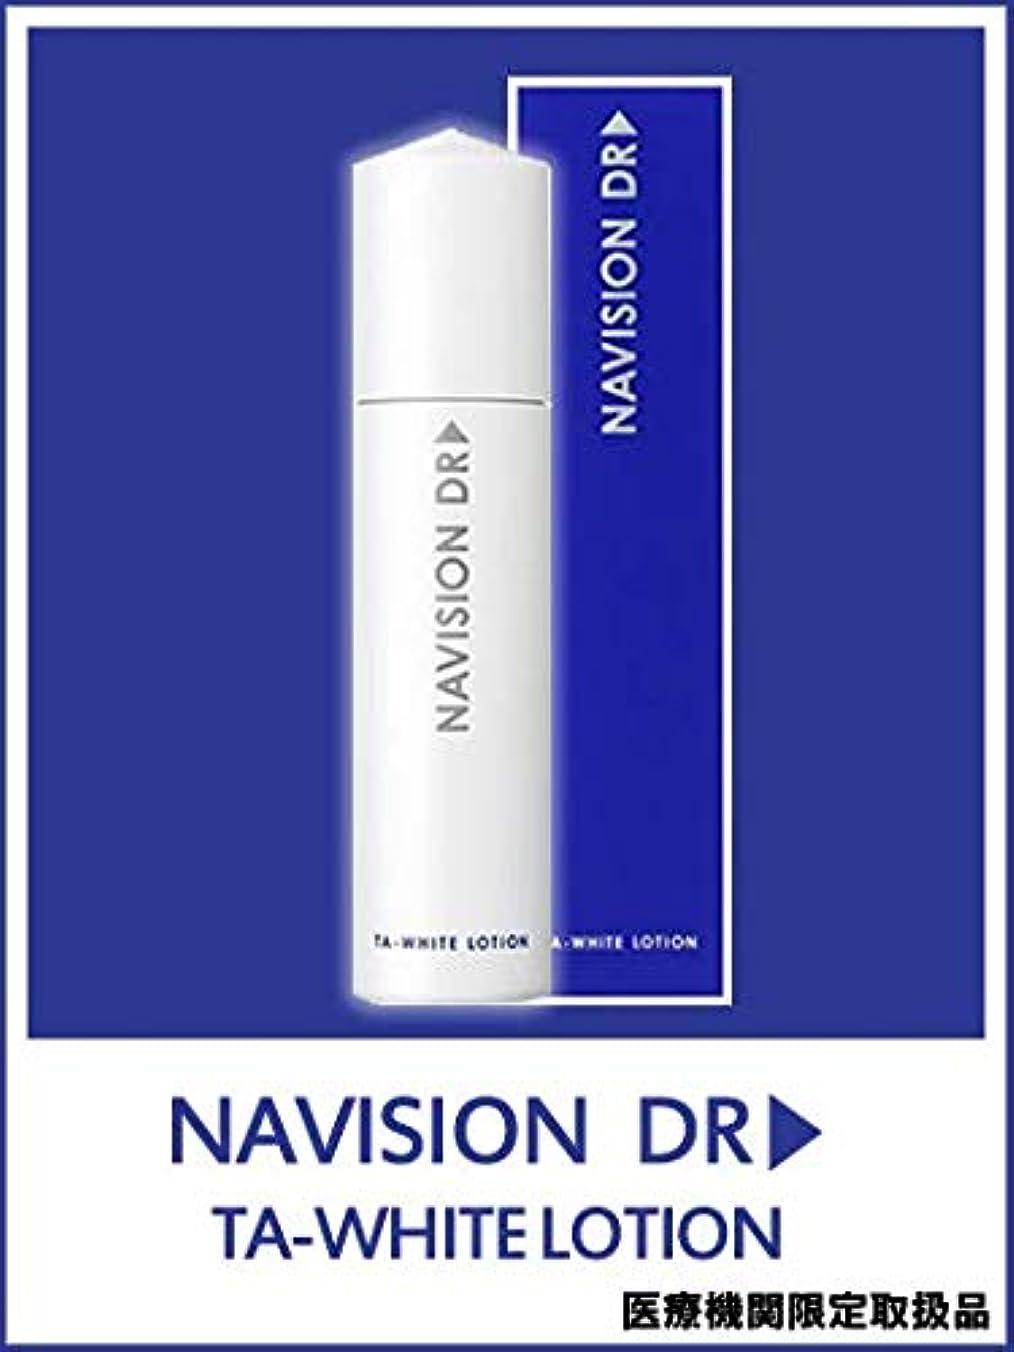 制裁間違えた抵抗力があるNAVISION DR? ナビジョンDR TAホワイトローションn(医薬部外品) 150mL